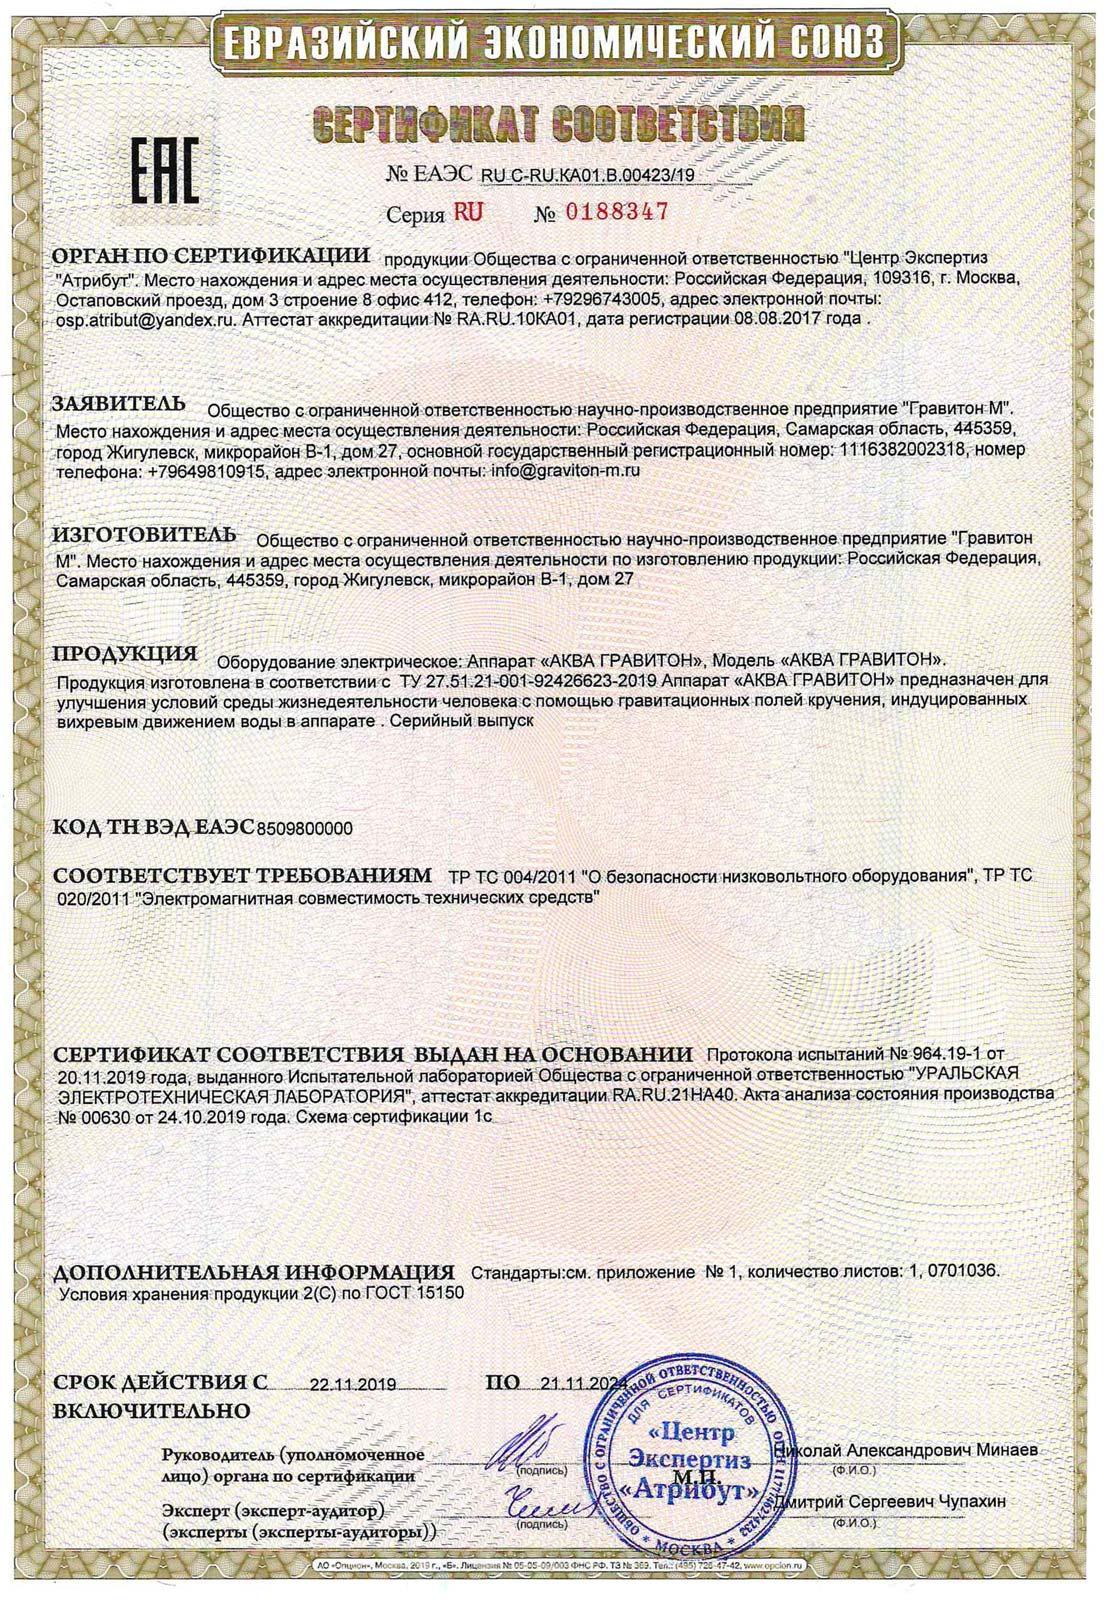 Аква Гравитон Сертификат соответствия RU0188347 2019-2024